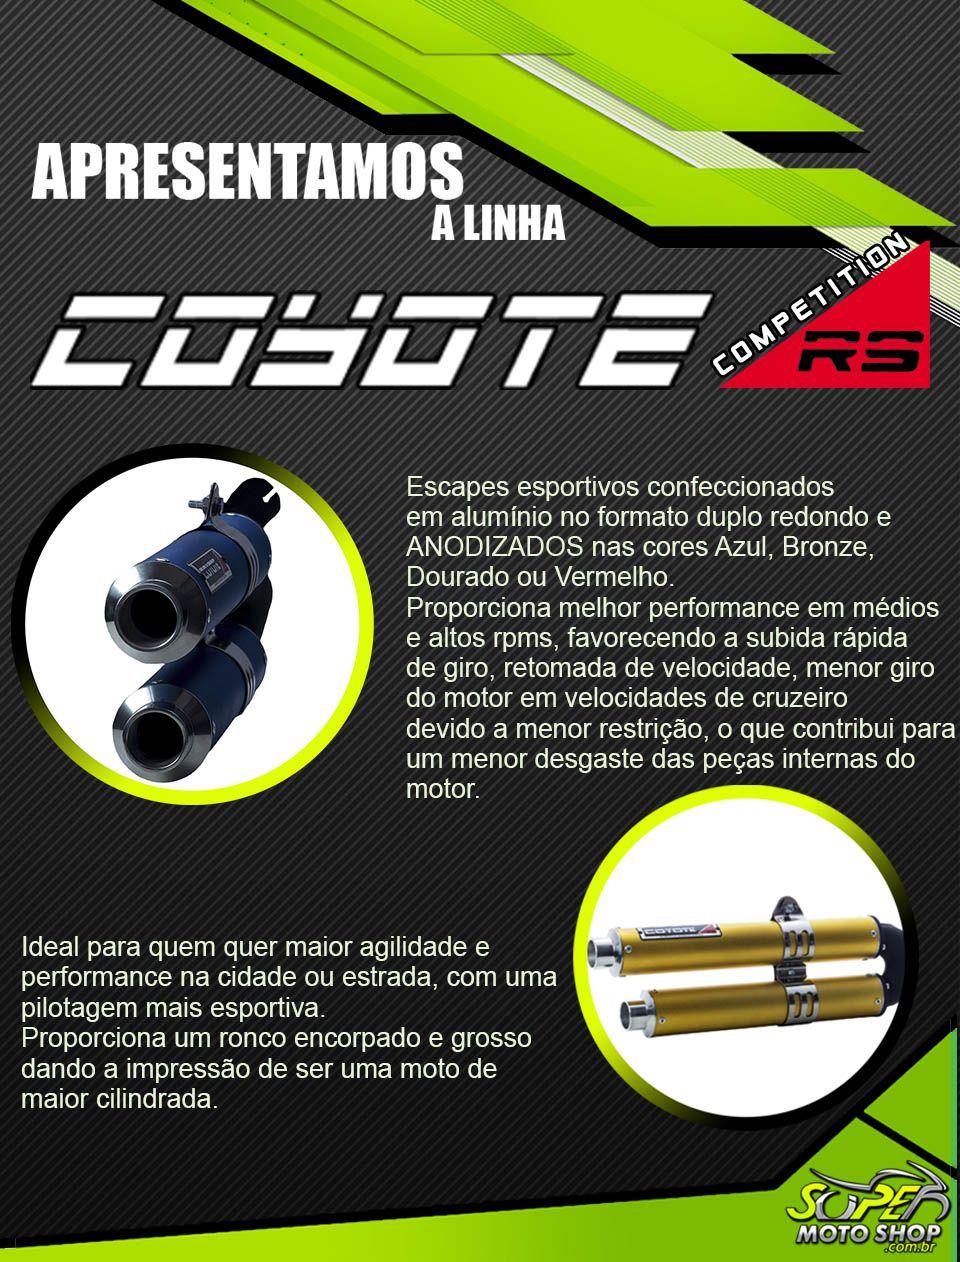 Escape / Ponteira Coyote Competition Duplo em Alumínio Colorido (Anodizado) - Strada CBX 200 - Honda